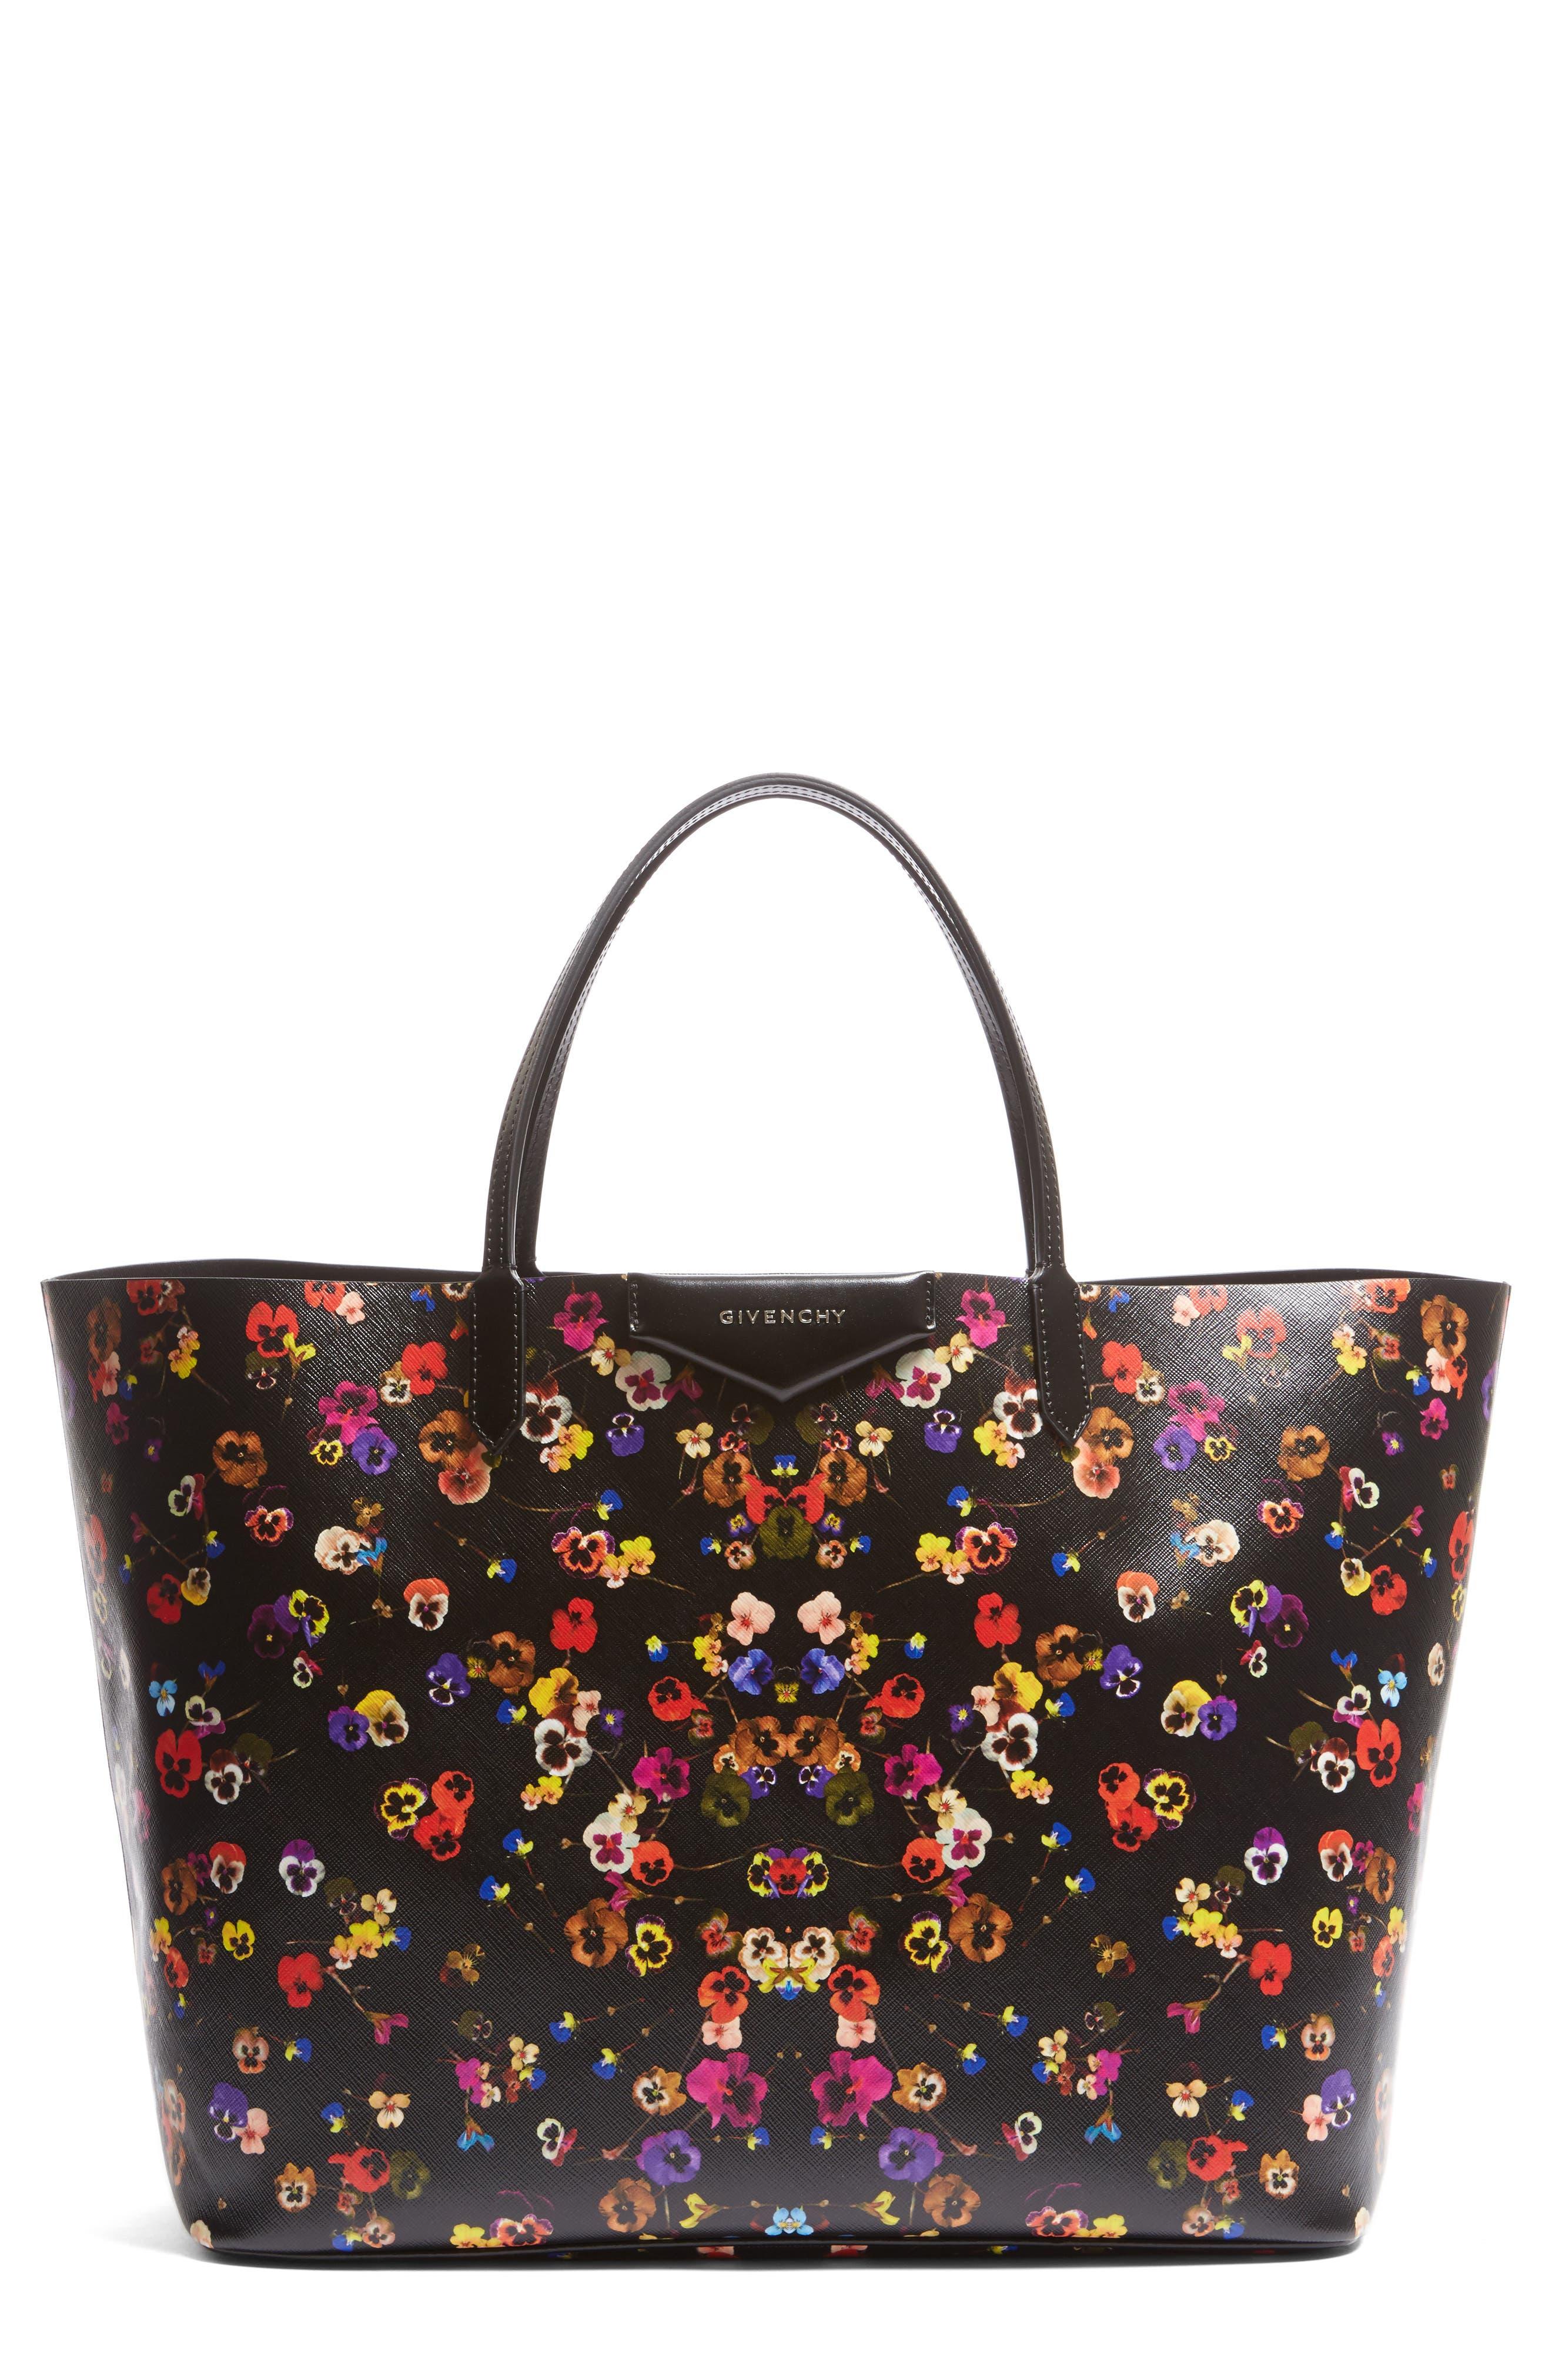 Givenchy Antigona - Night Pansy Saffiano Leather Shopper